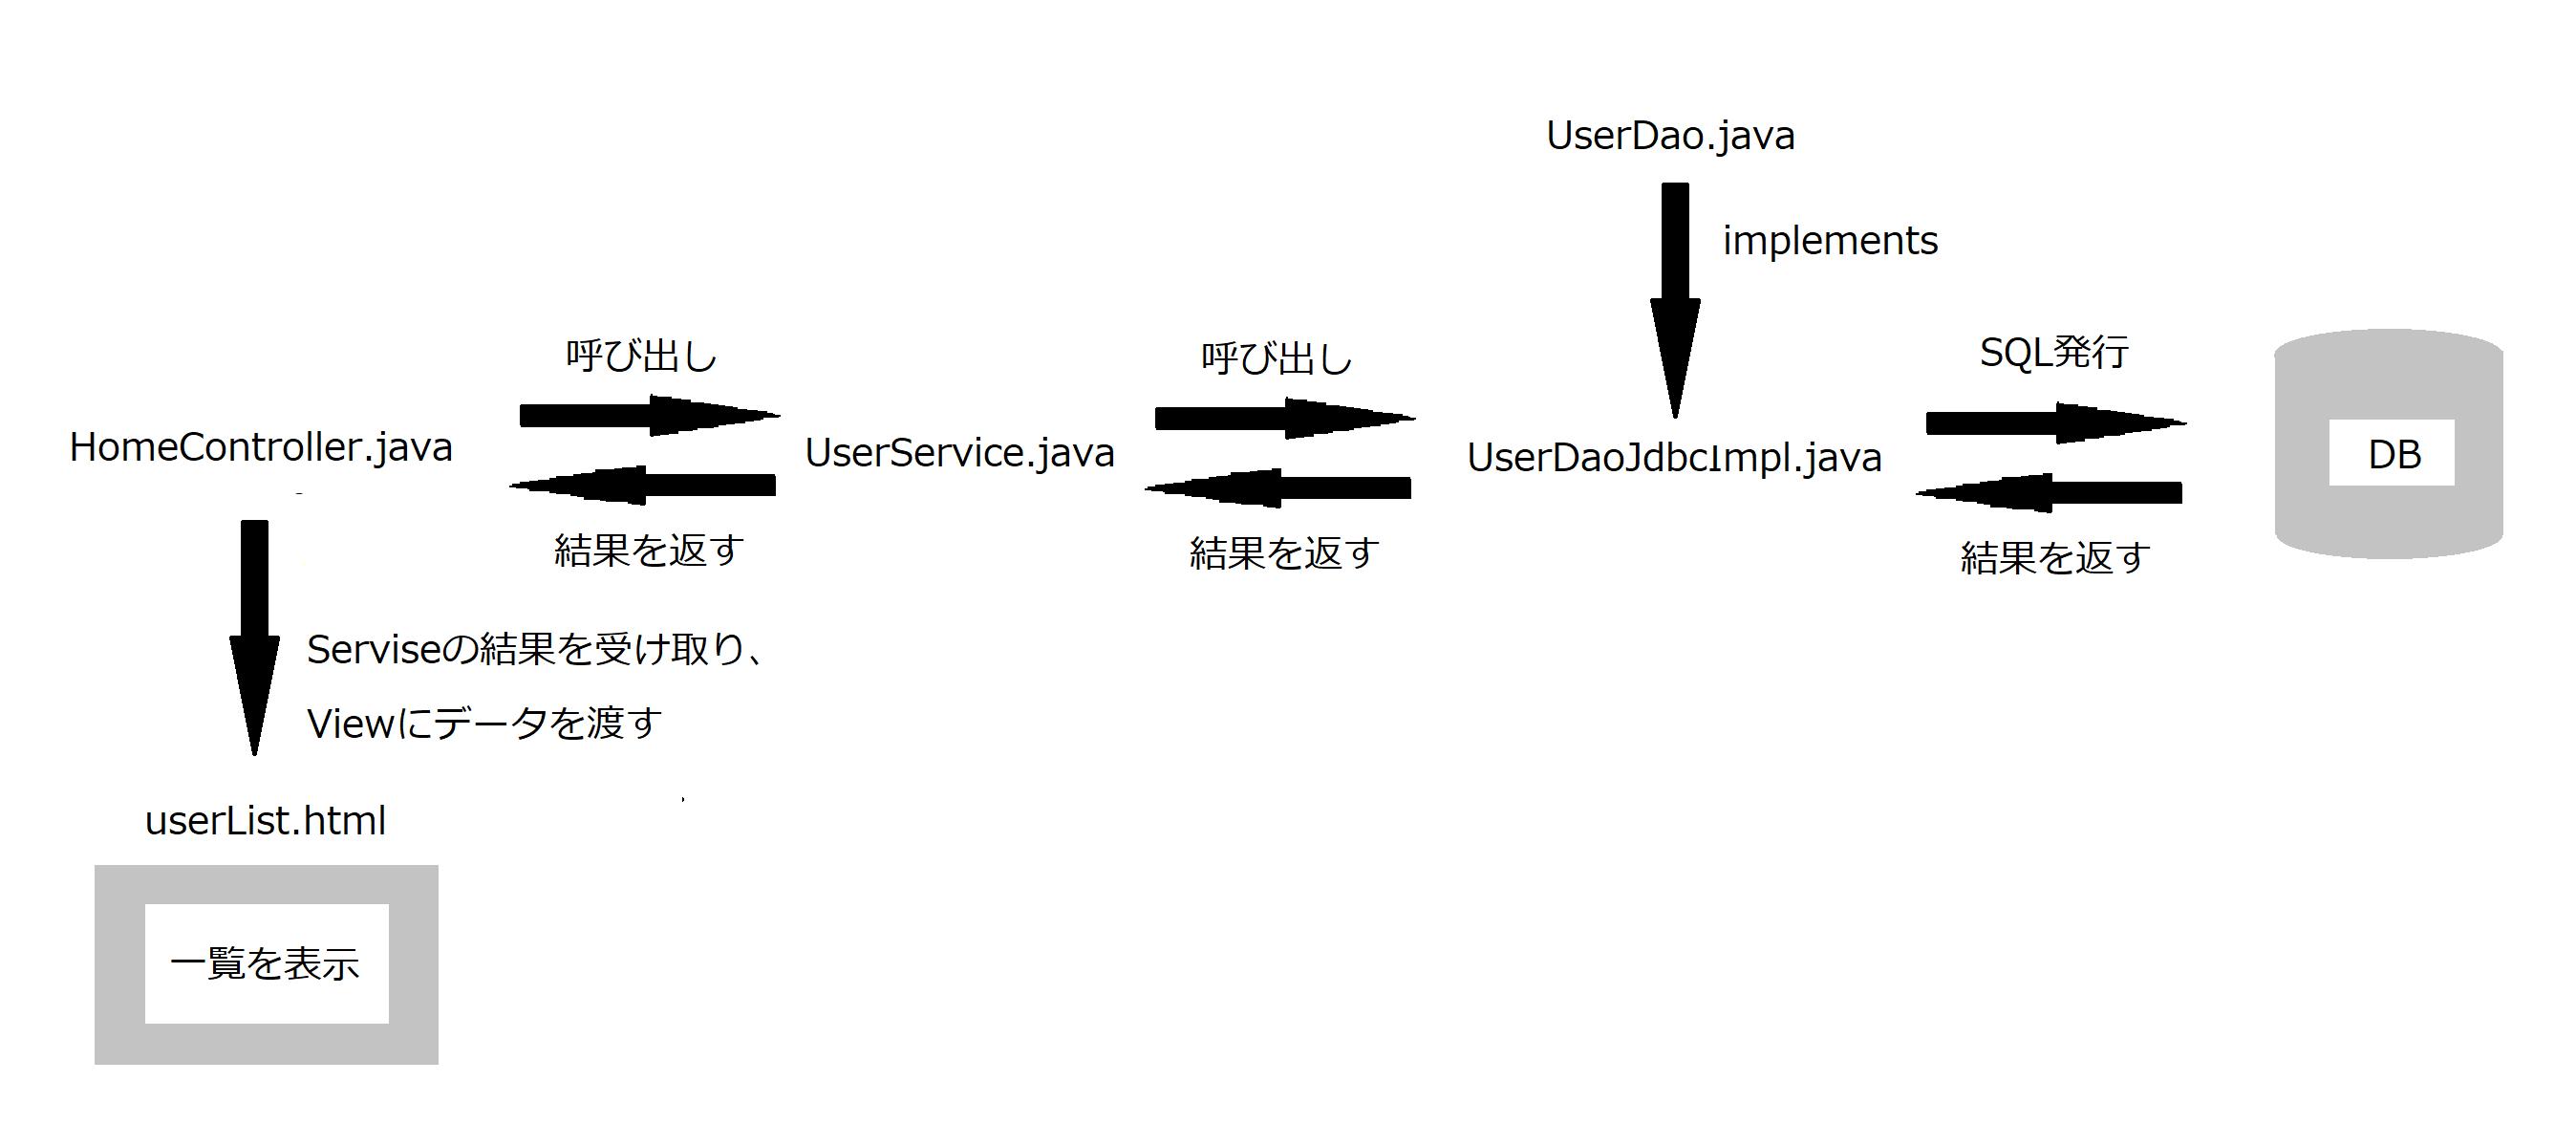 SpringBoot_Di_Security_DB_9.png